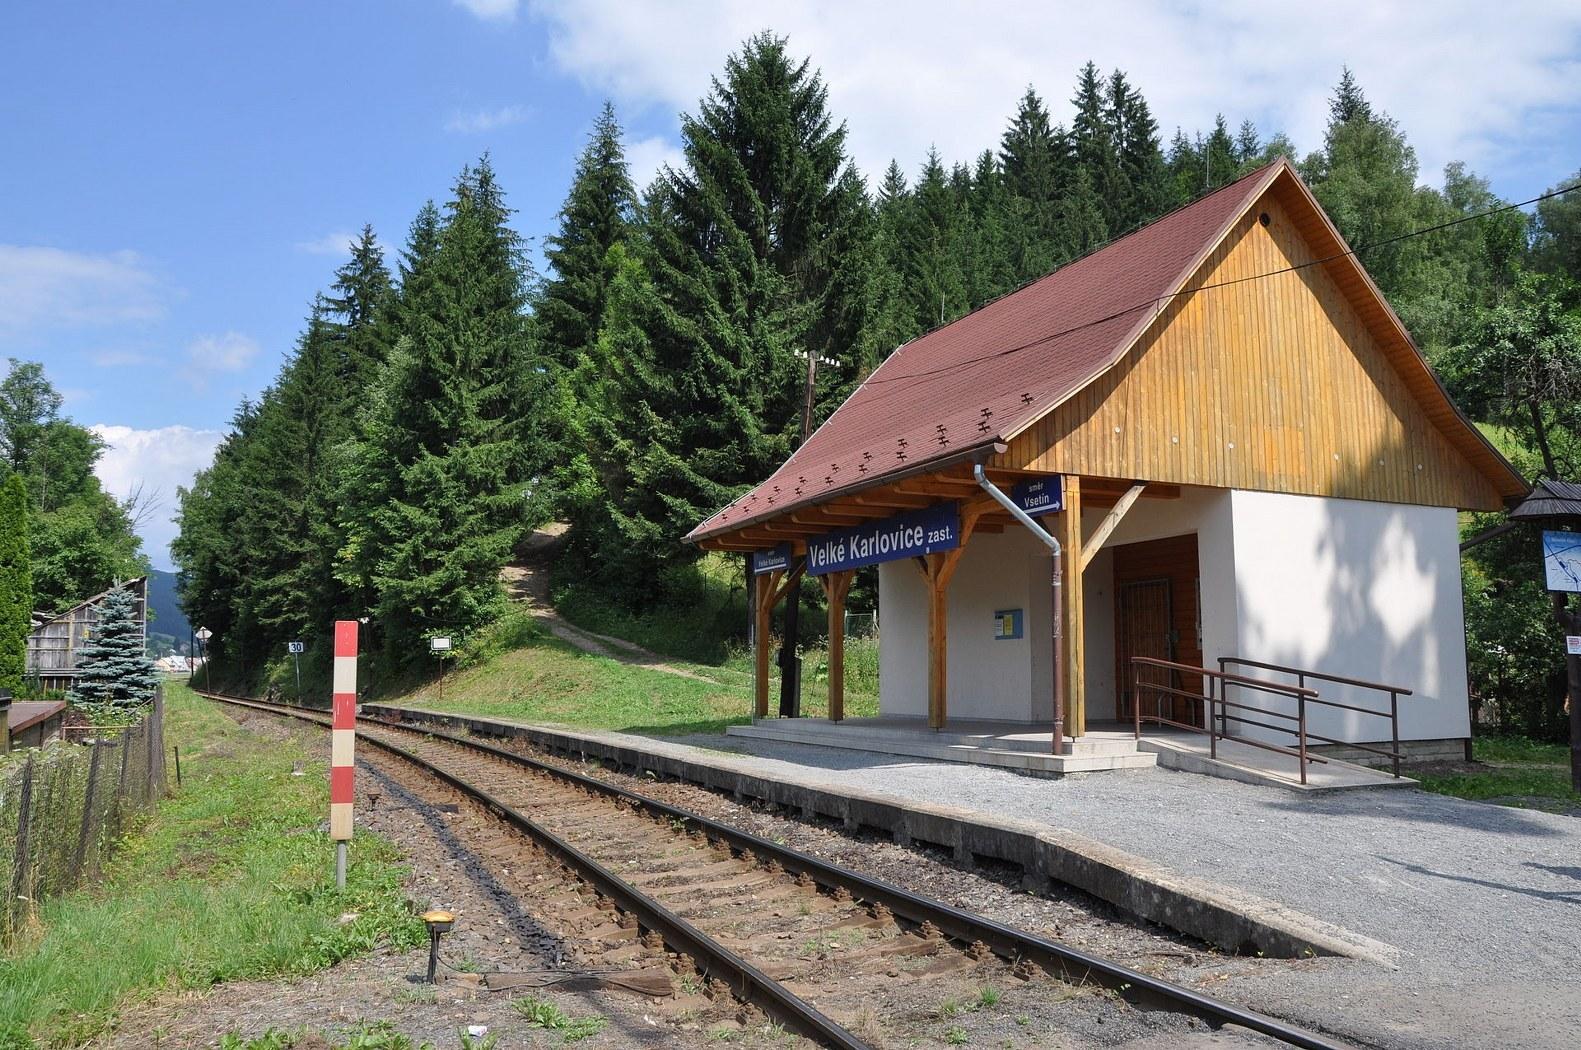 železniční stanice Velké Karlovice – zastávka, (c) wikipedia.org - Ben Skála, Benfoto